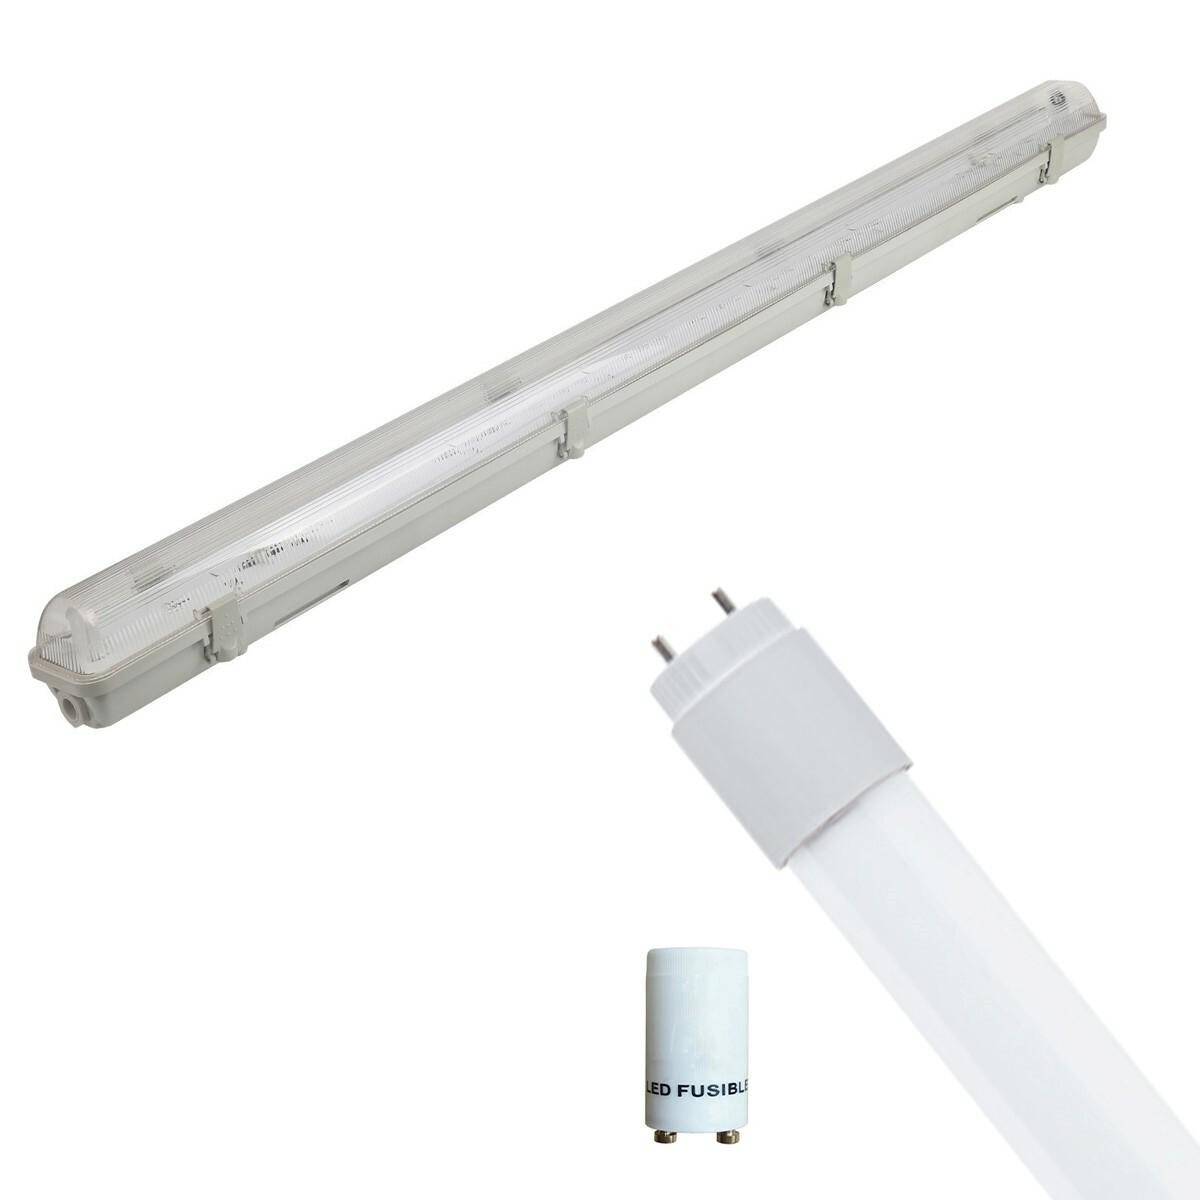 LED TL Armatuur met T8 Buis Incl. Starter - Aigi Hari - 150cm Enkel - 22W - Helder/Koud Wit 6400K -